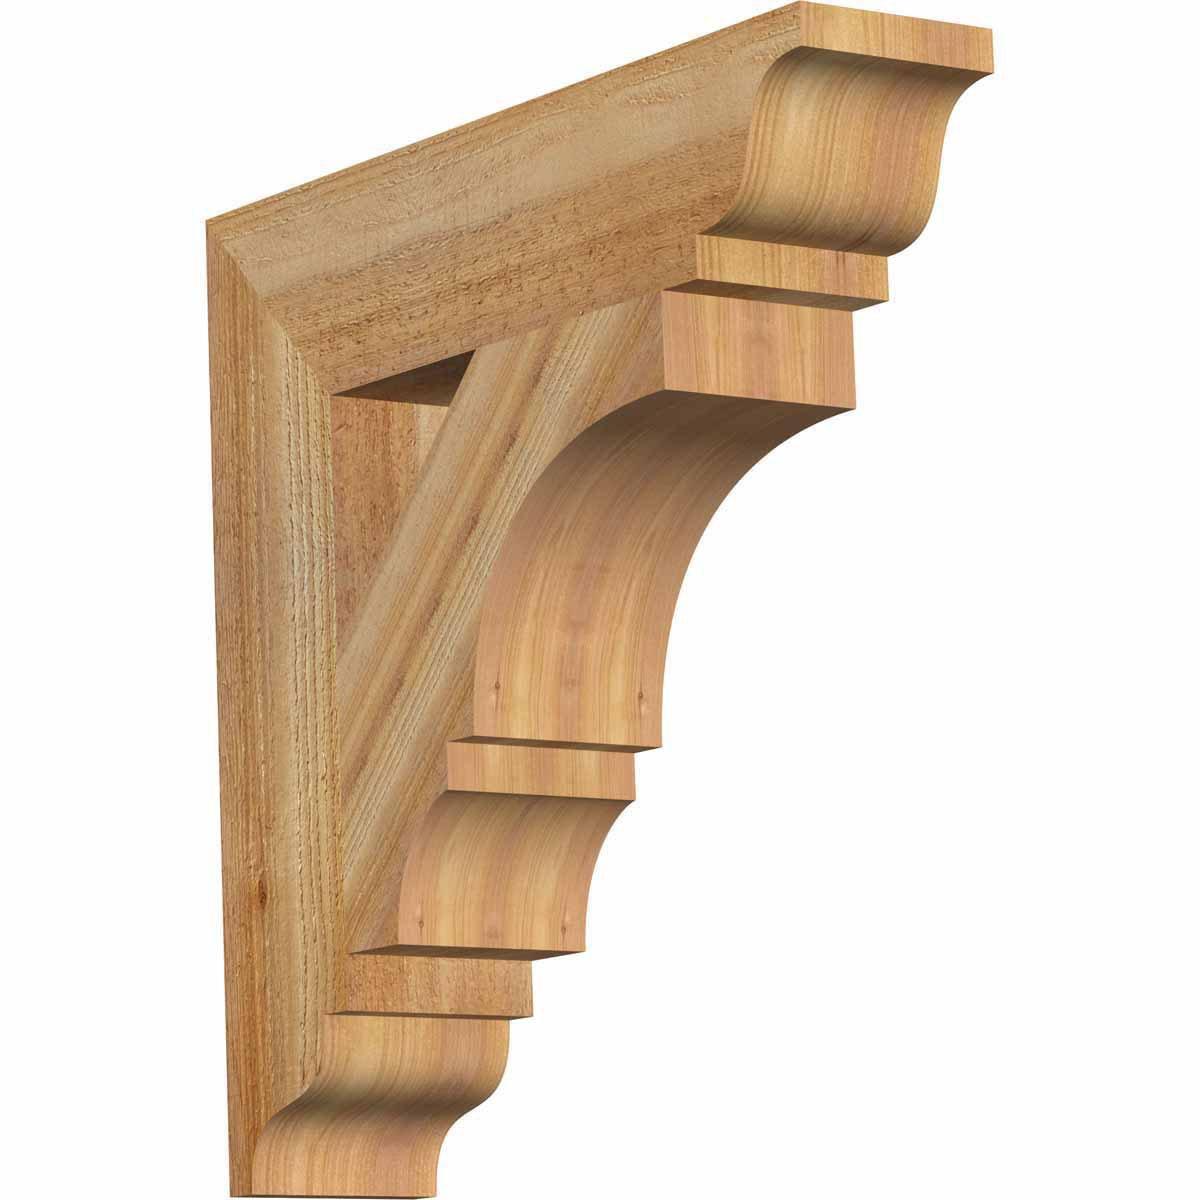 Ekena Millwork BKT04X18X18BOA01RWR Balboa Traditional Rough Bracket, 4'' Width x 18'' Depth x 18'' Height, Western Red Cedar